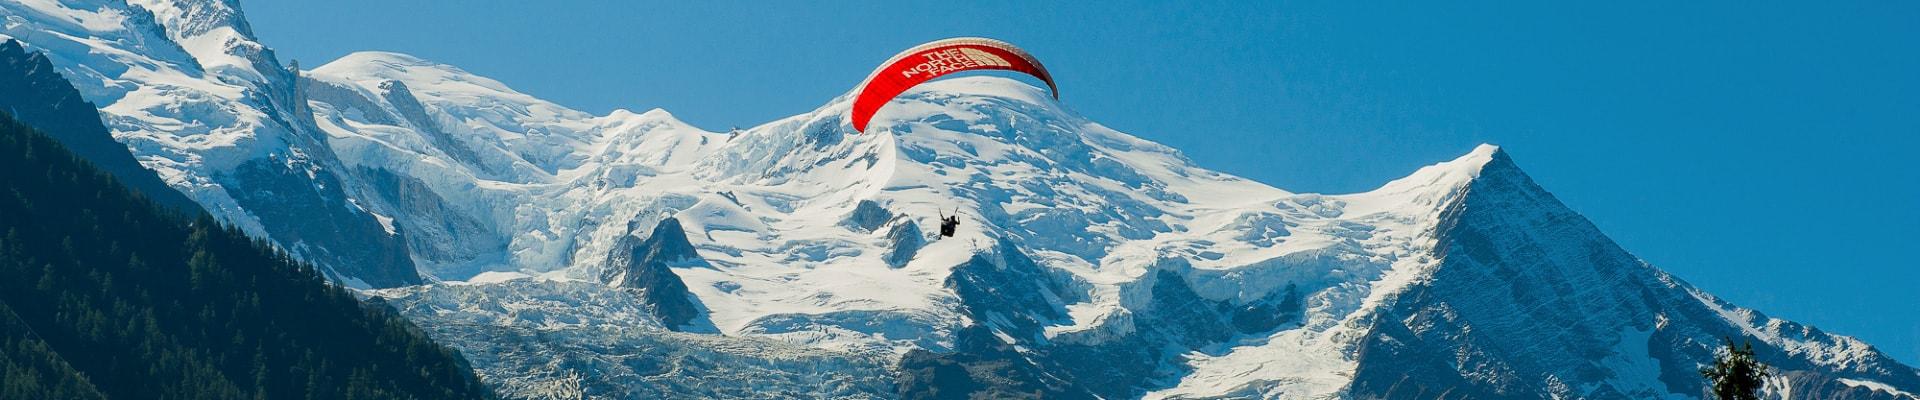 Réserver dès maintenant votre vol en parapente à Chamonix